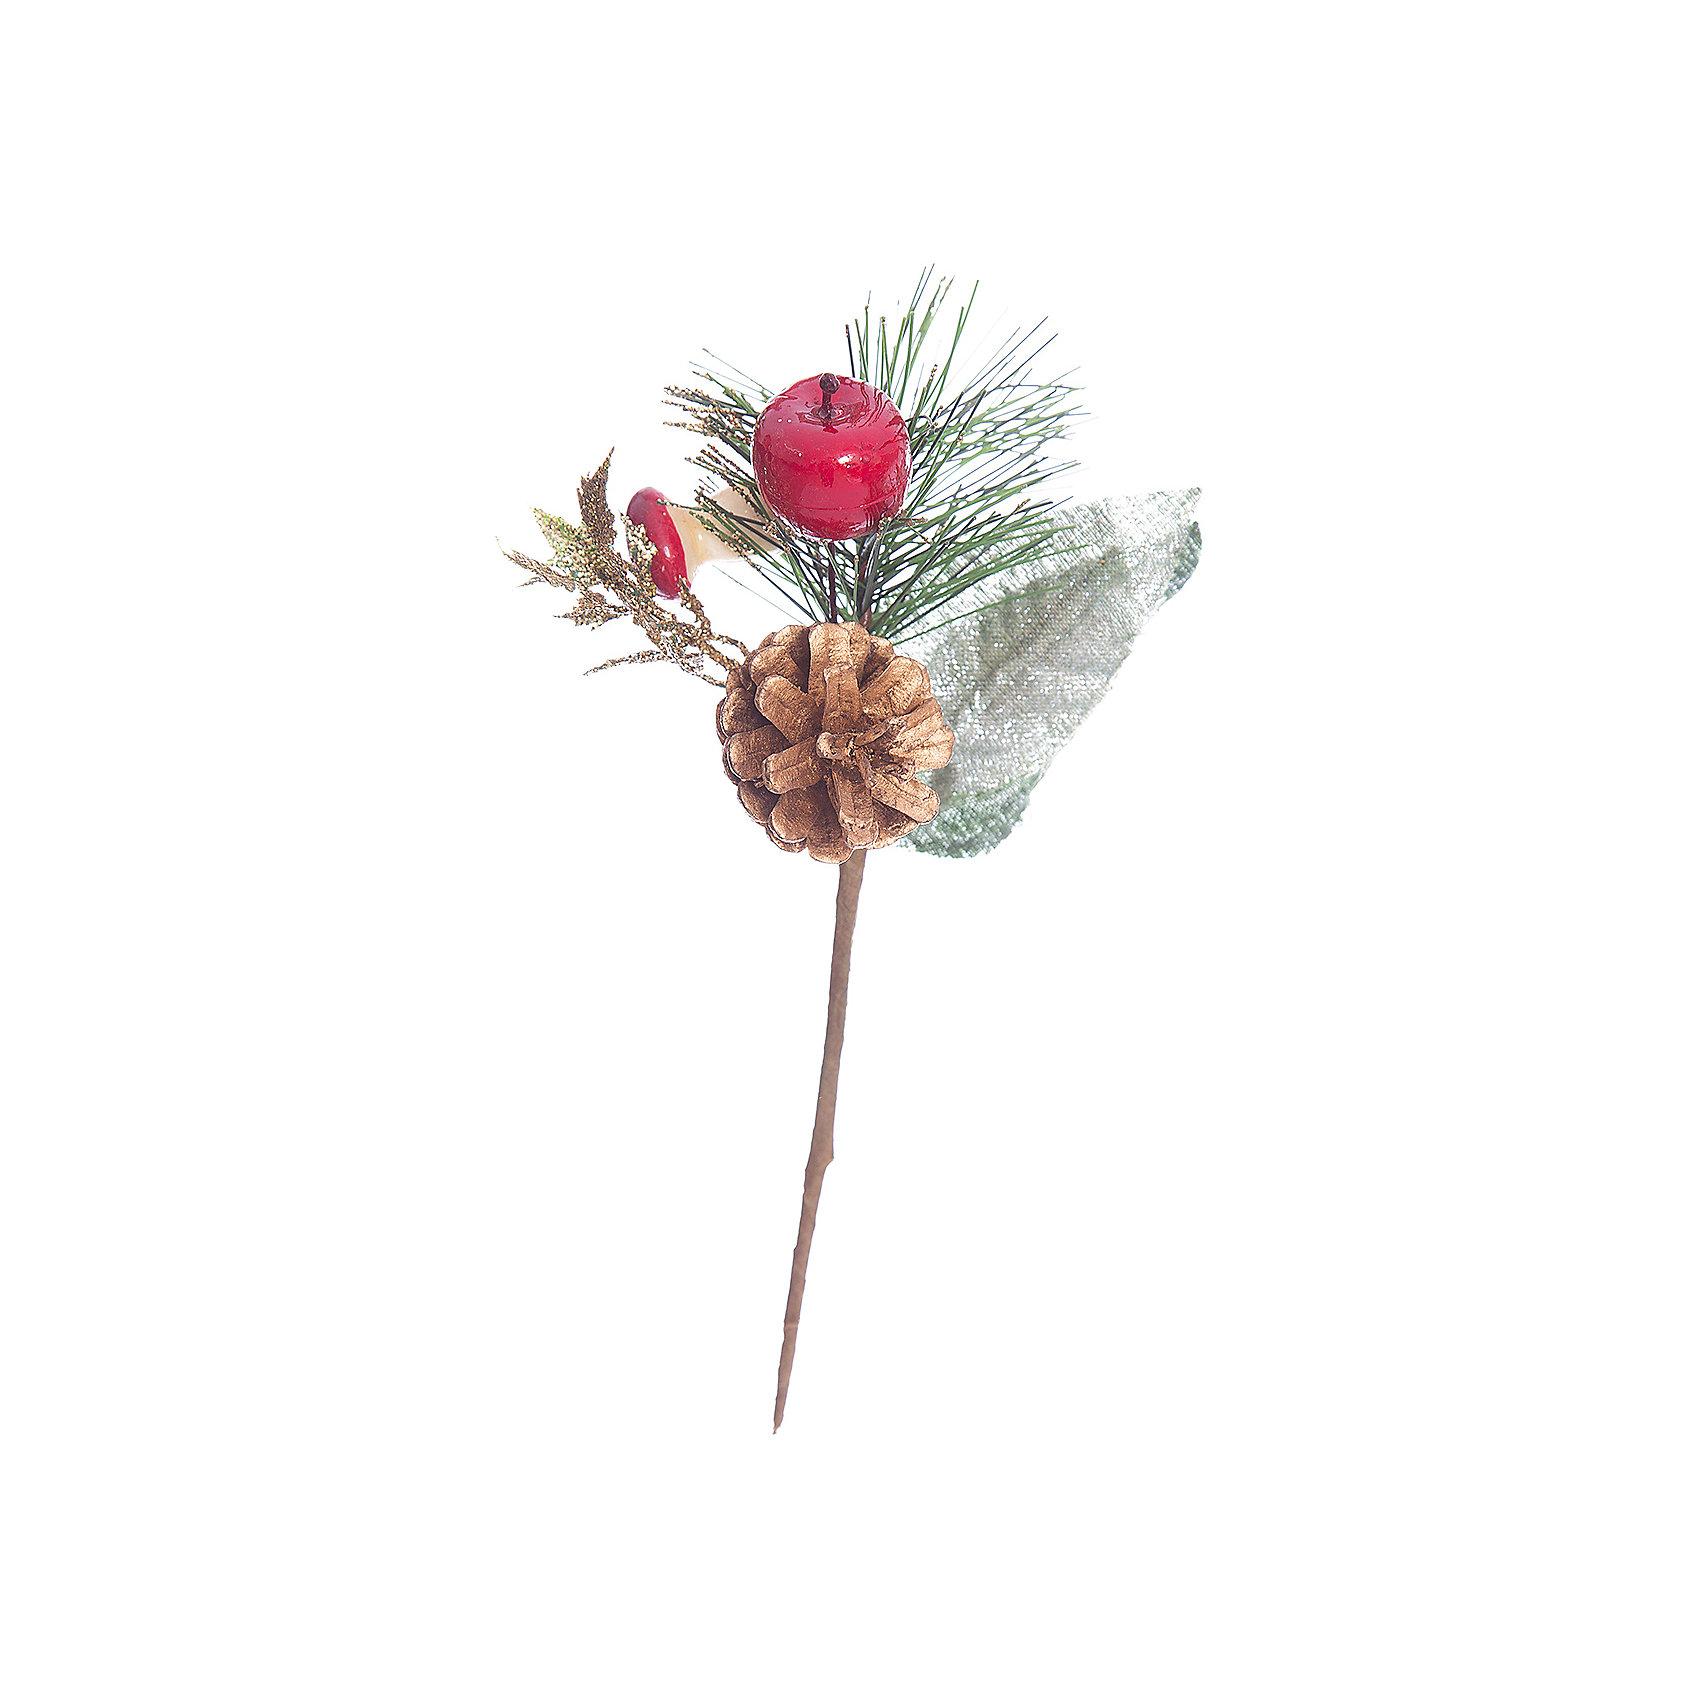 Украшение Веточка 7х10 см, 1шт, ягоды и шишкиИзготовлено из пластмассы, полимерных материалов. ёл. укр. веточка, 7х10см, 1шт, ягоды, шишки<br><br>Ширина мм: 100<br>Глубина мм: 70<br>Высота мм: 70<br>Вес г: 100<br>Возраст от месяцев: 36<br>Возраст до месяцев: 2147483647<br>Пол: Унисекс<br>Возраст: Детский<br>SKU: 5101086